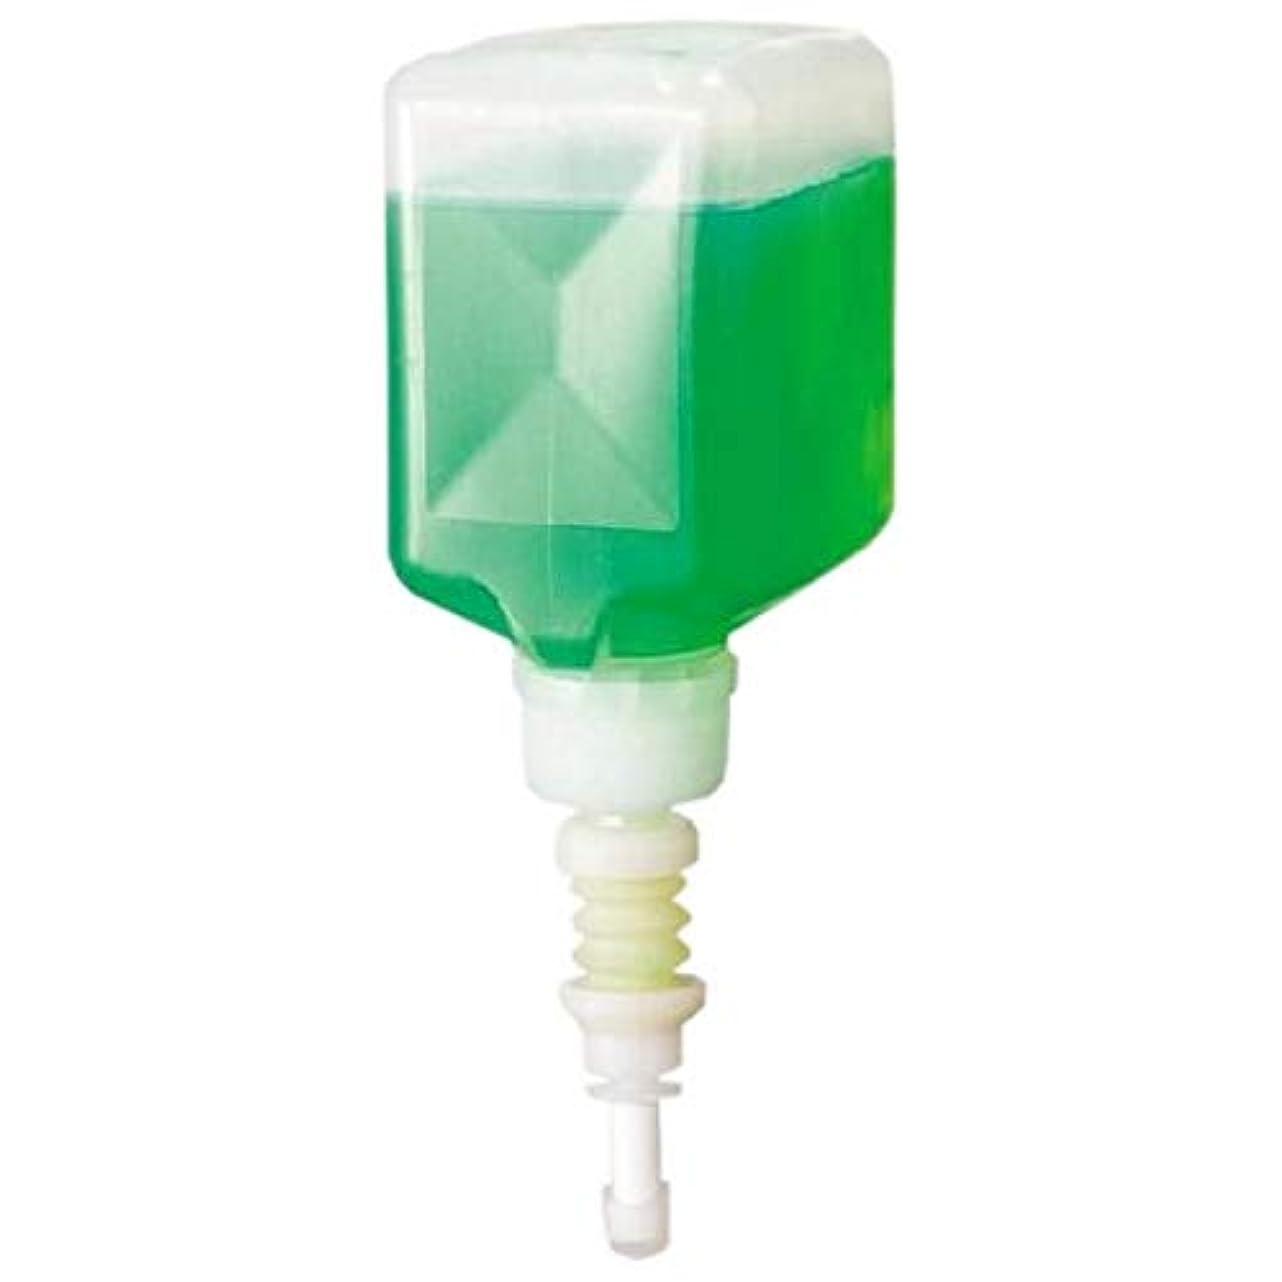 非常に怒っています発生器検出可能スタイルデコ シャボネット石けん液Fデコ専用薬液 緑色